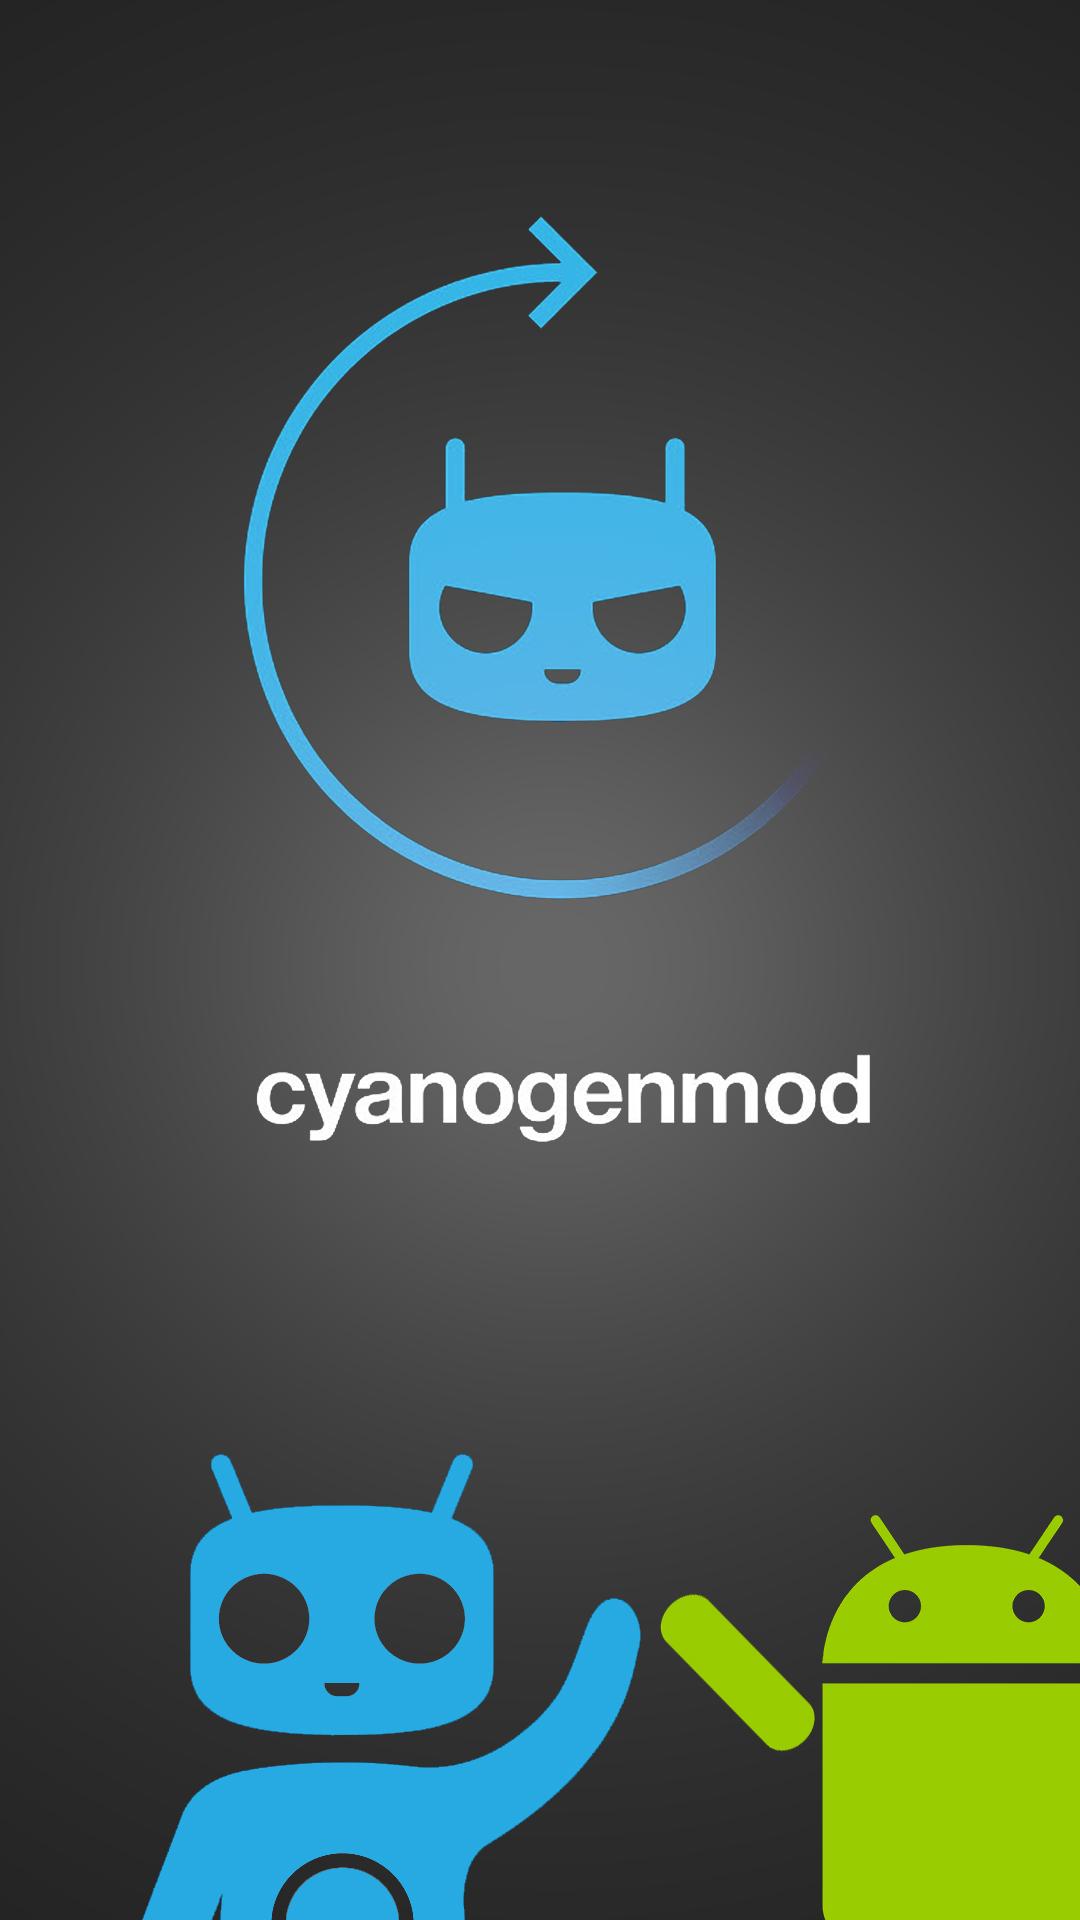 cyanogenmod wallpaper by lembi203 cyanogenmod wallpaper by lembi203